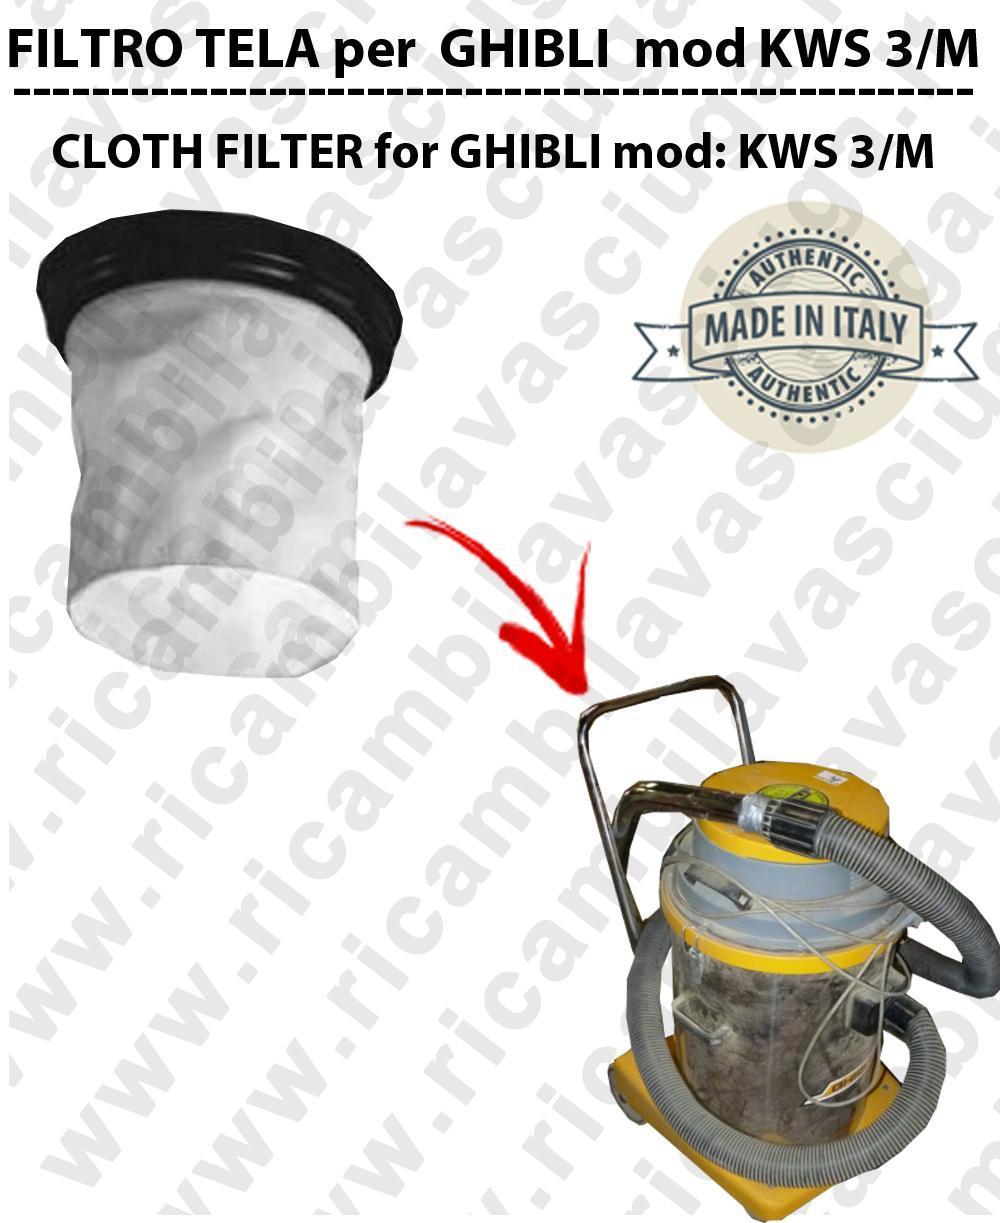 Filtre de toile pour aspirateurs GHIBLI modelle KWS 3/M